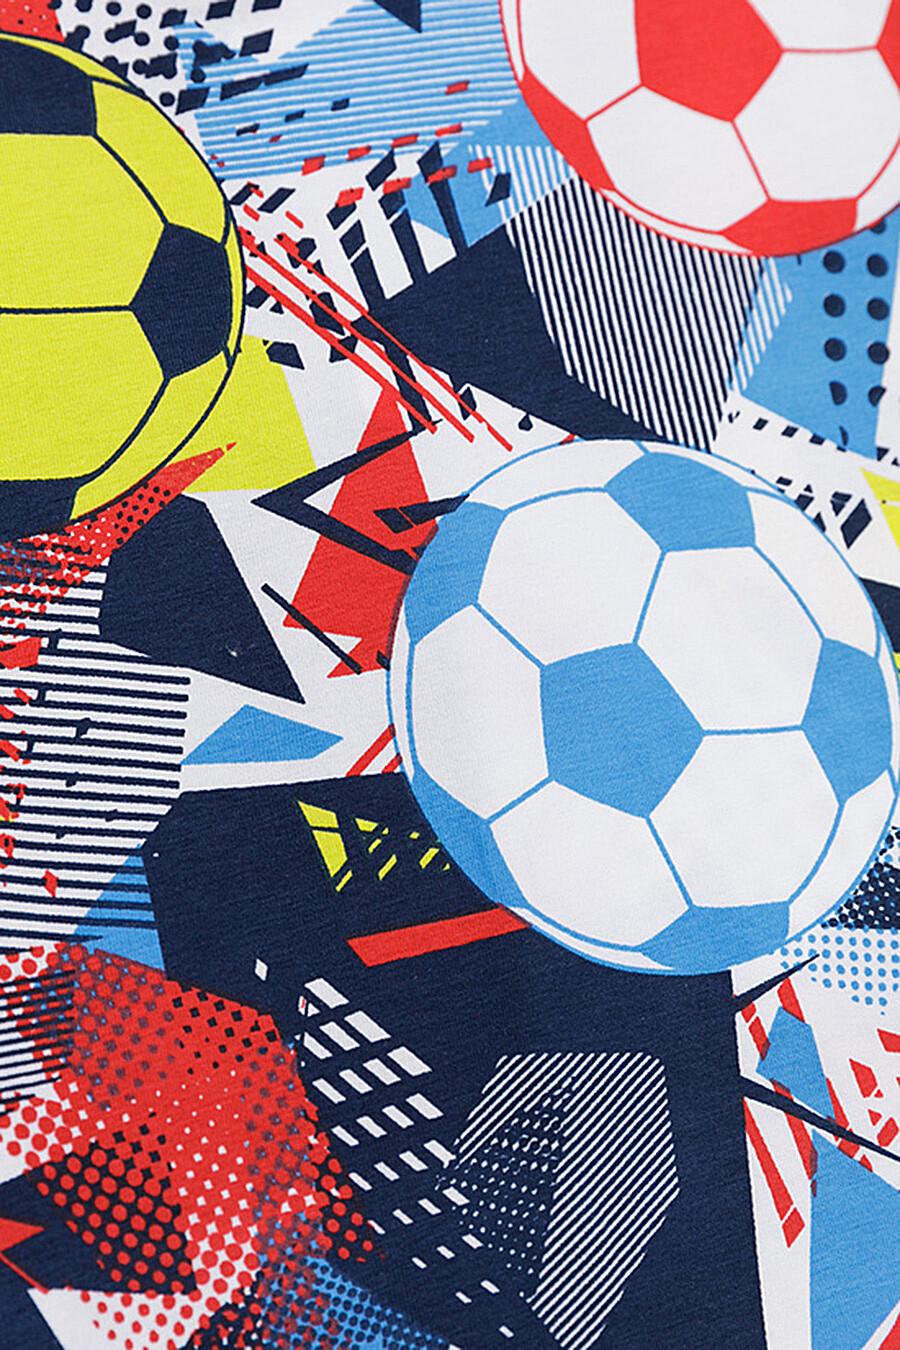 Футболка для мальчиков PLAYTODAY 289458 купить оптом от производителя. Совместная покупка детской одежды в OptMoyo